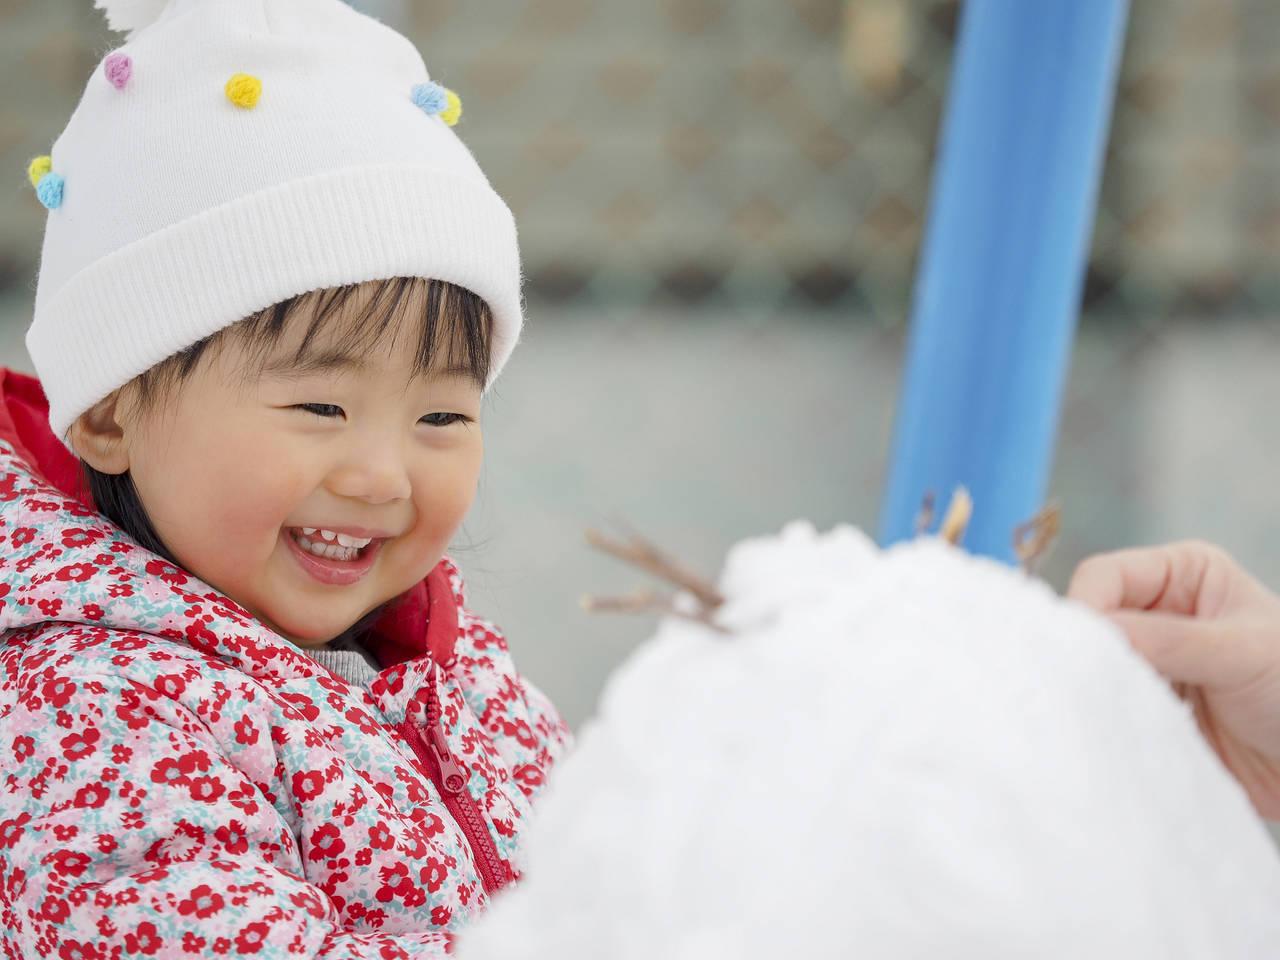 赤ちゃんの冬服の選び方を考えよう!サイズや組み合わせのポイント